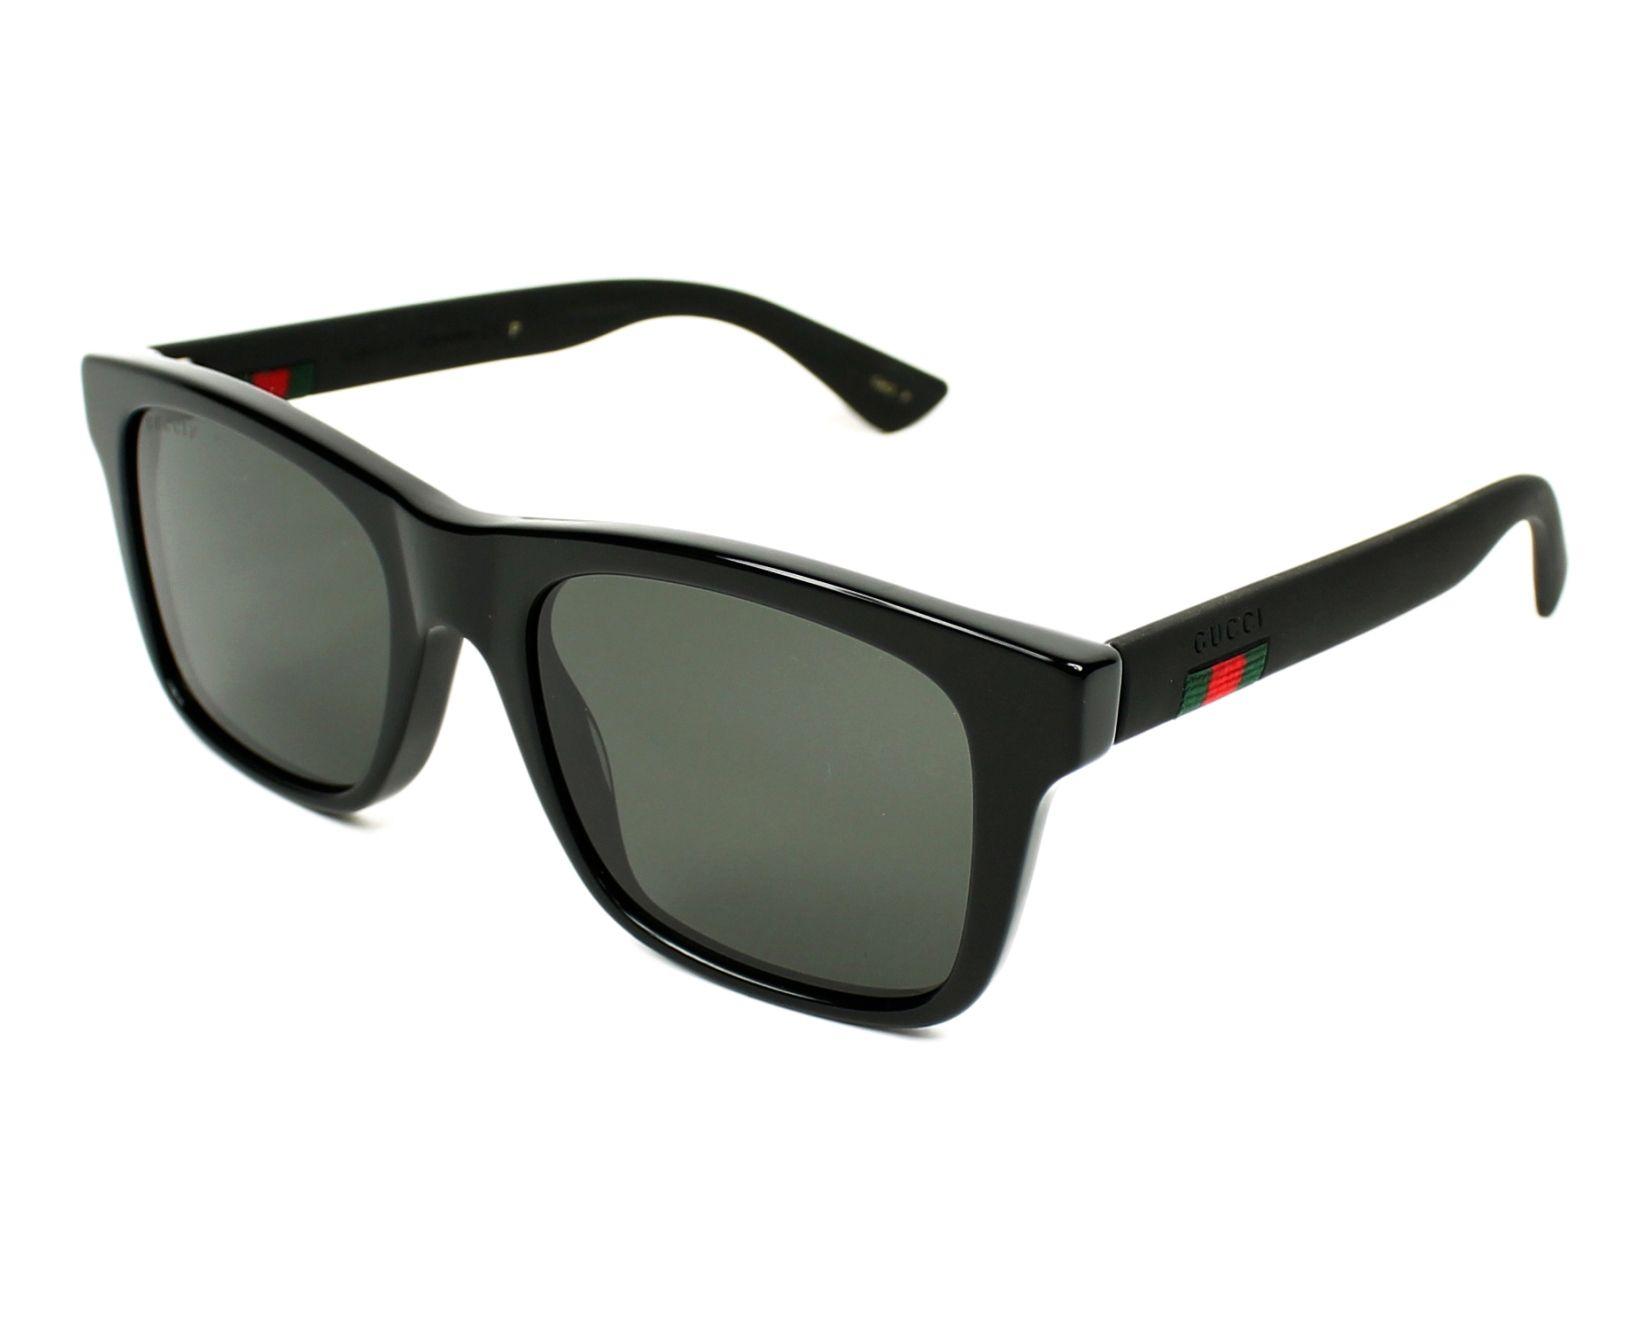 a2672842e3 Sunglasses Gucci GG-0008-S 002 53-20 Black Black profile view